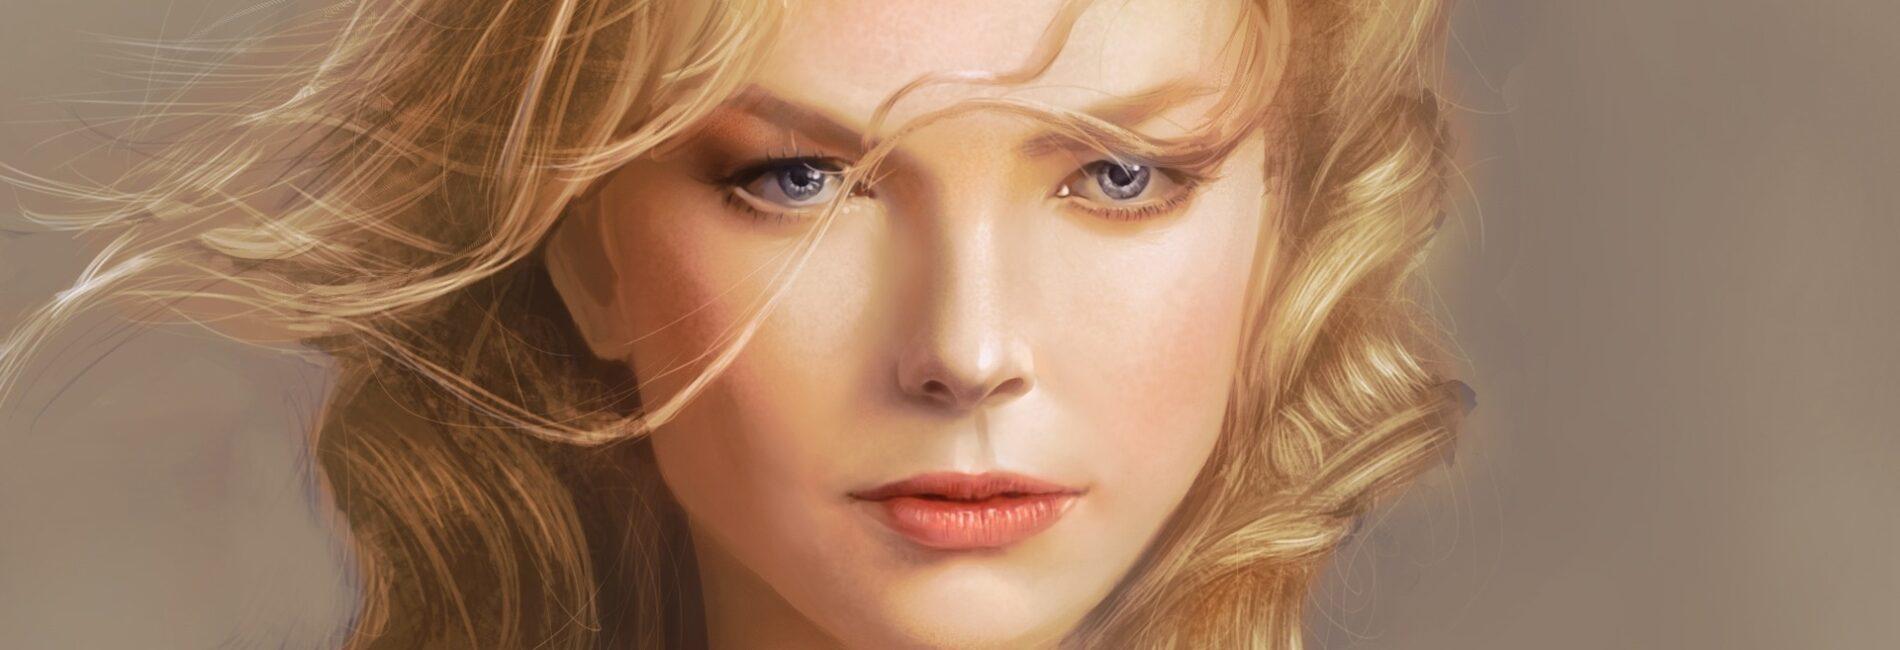 Клод Дебюсси. Девушка с волосами цвета льна